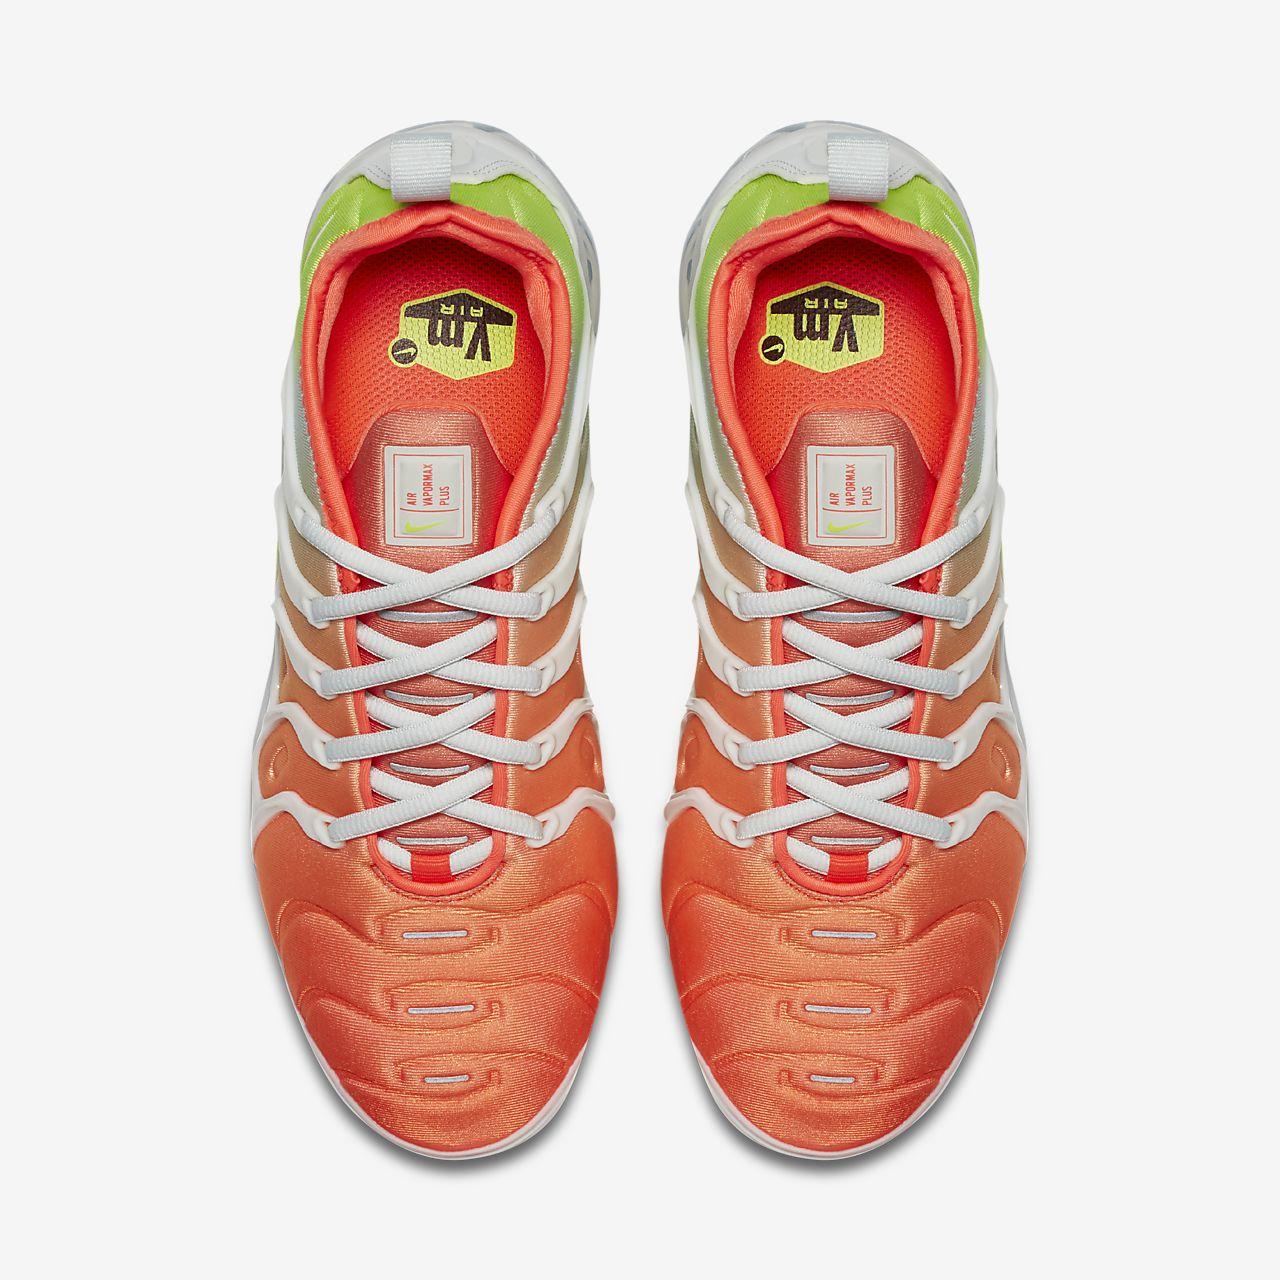 new style c73b1 f4e1d ... greece nike air vapormax plus womens shoe f00af 8d7d3